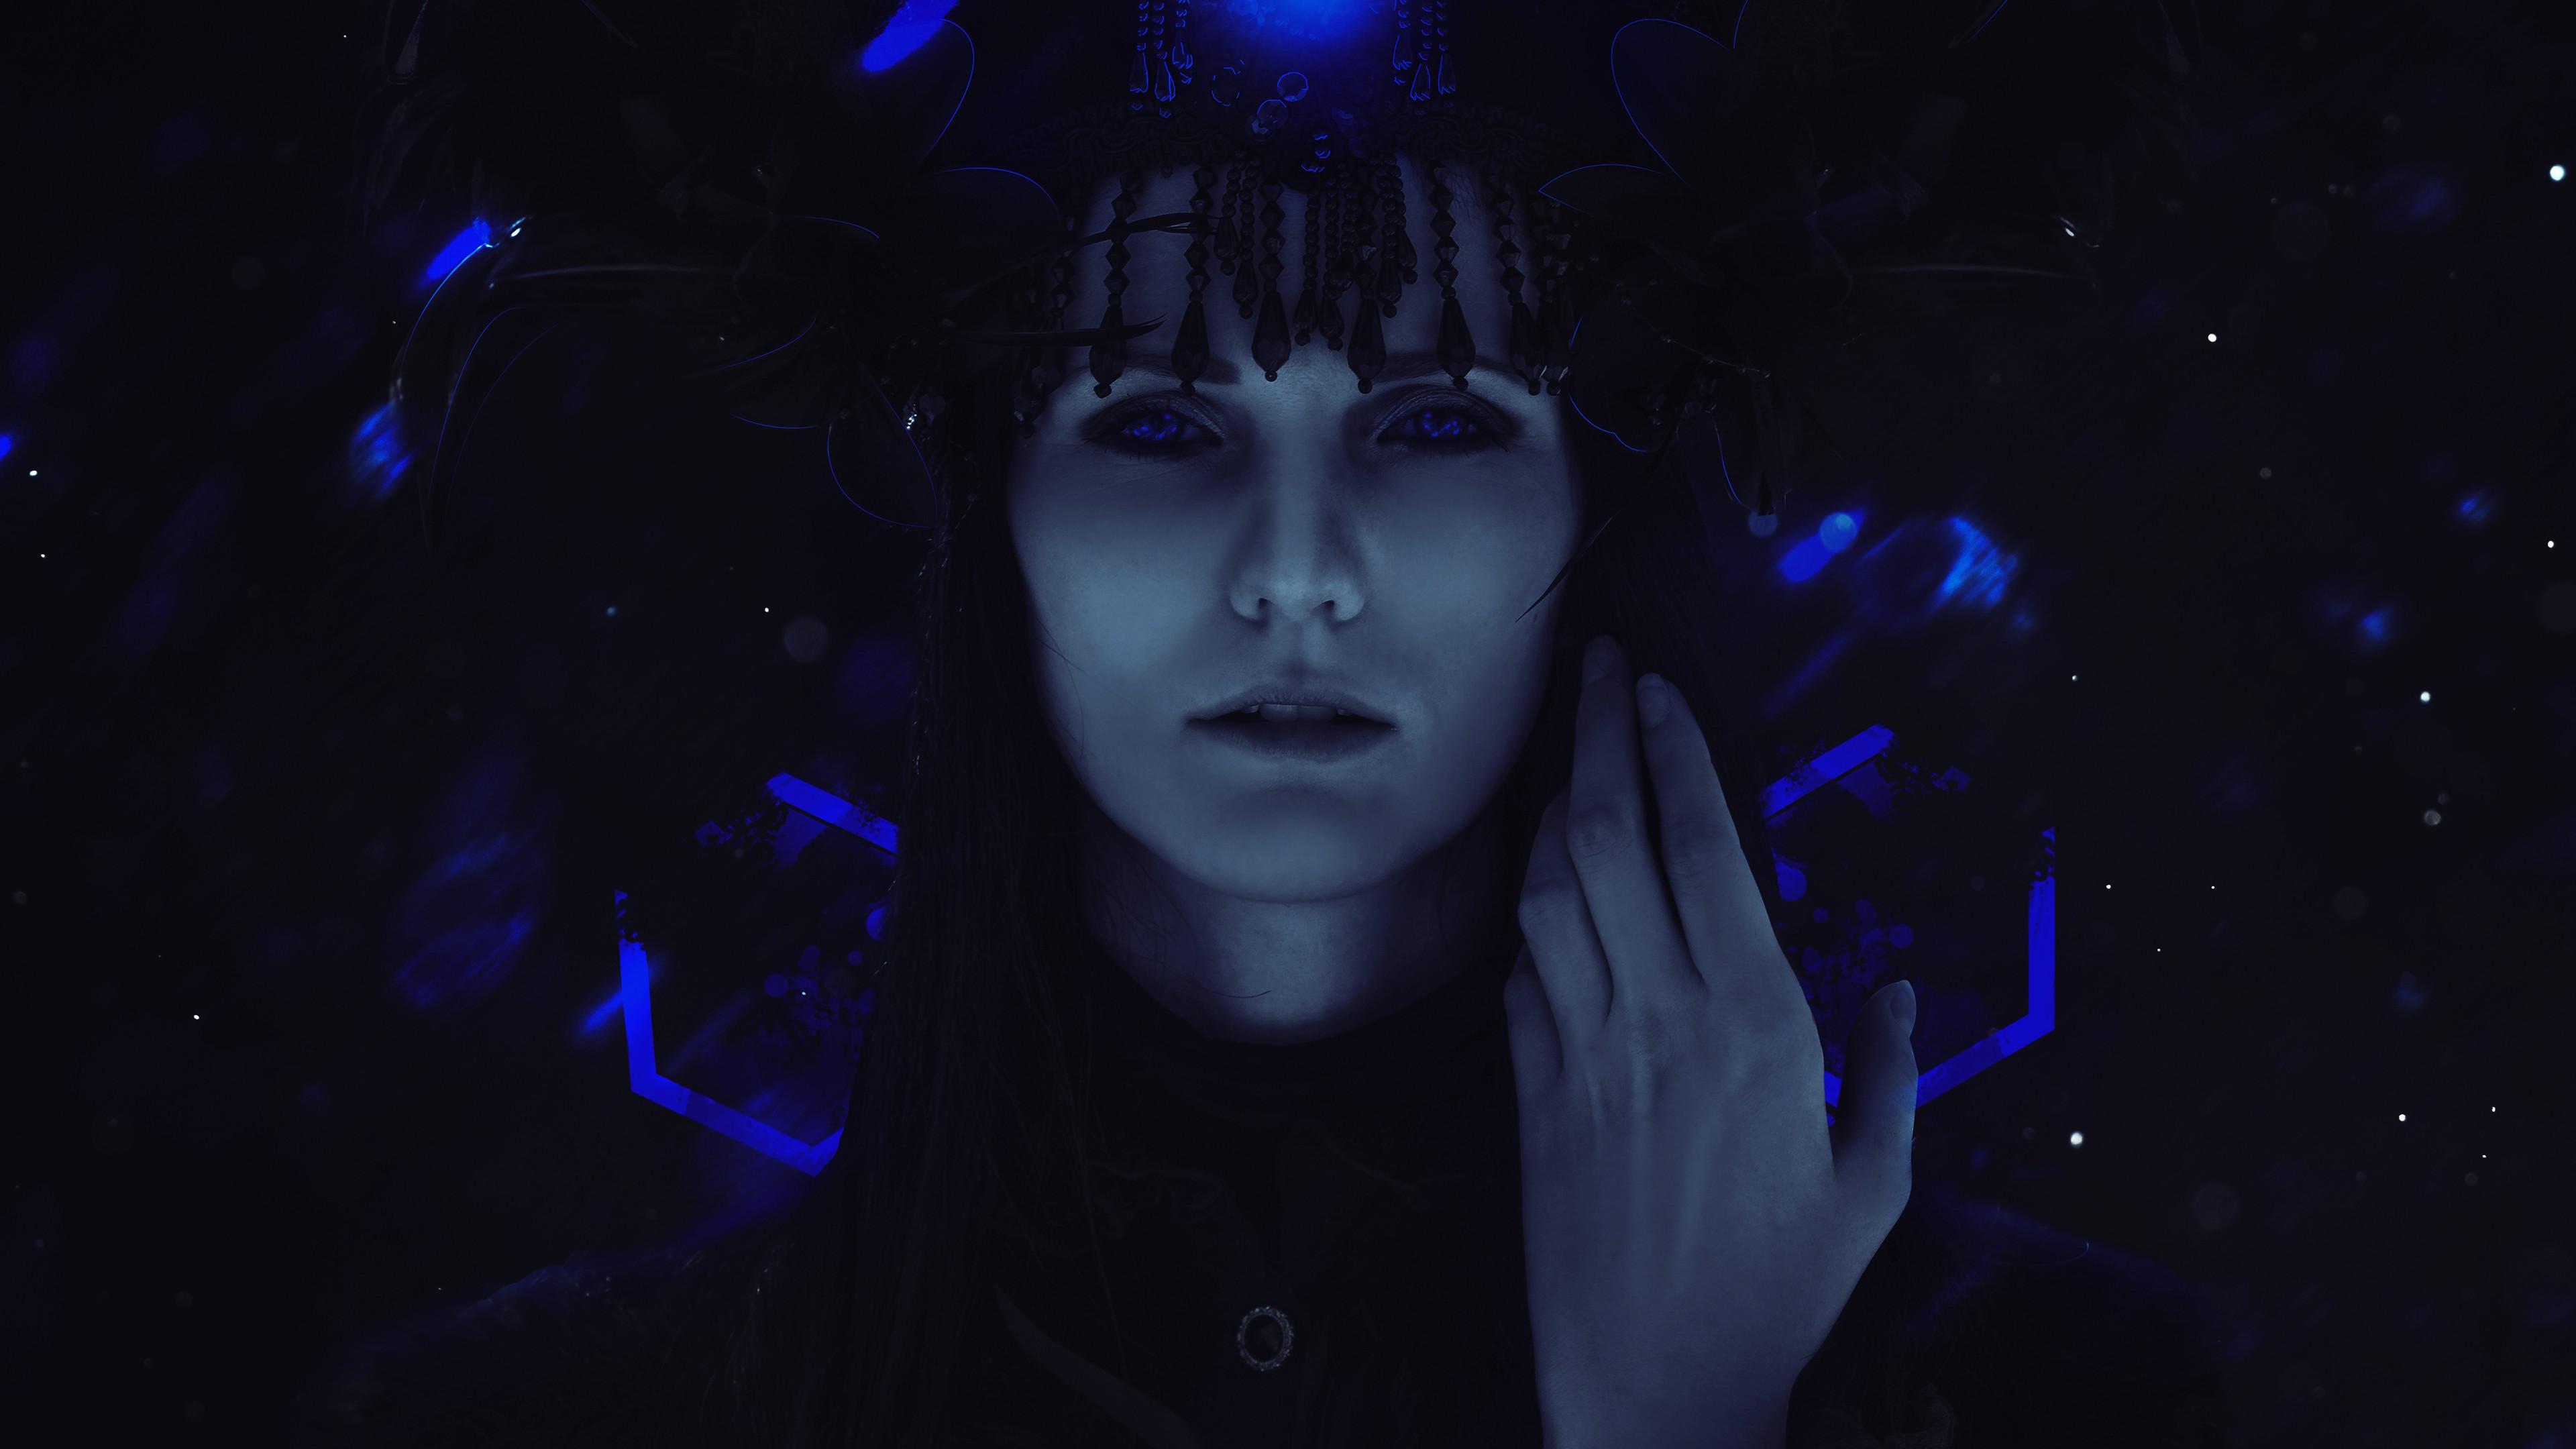 Магическая девушка с голубыми глазами в неоновых лучах на черном фоне